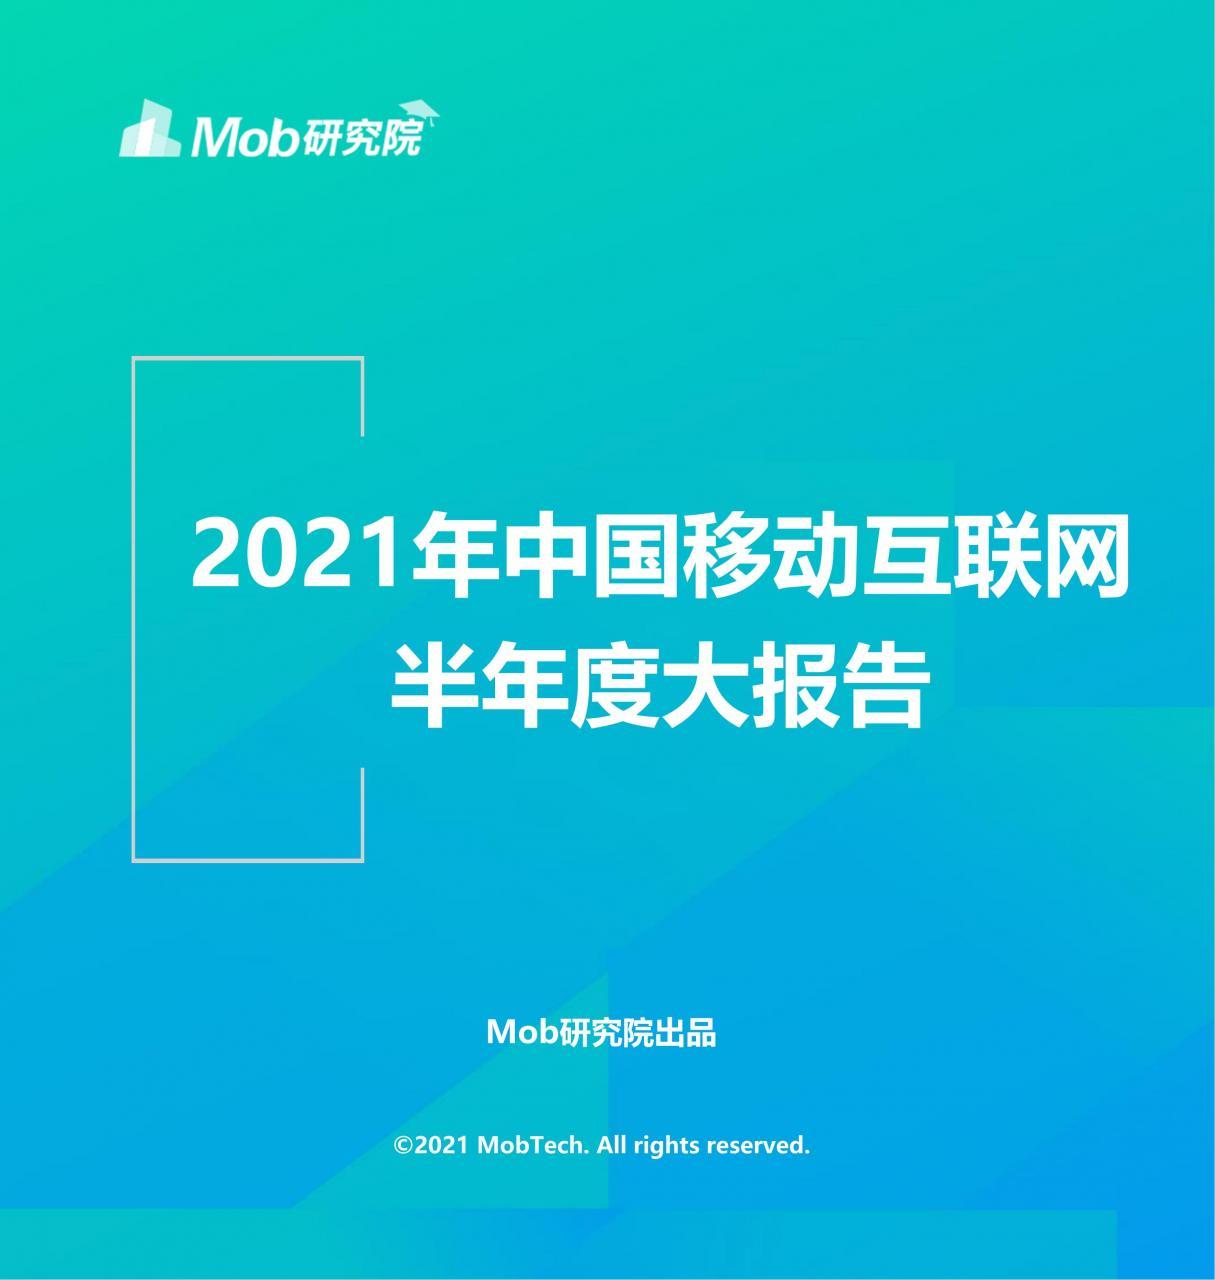 2021年中国移动互联网半年度大报告